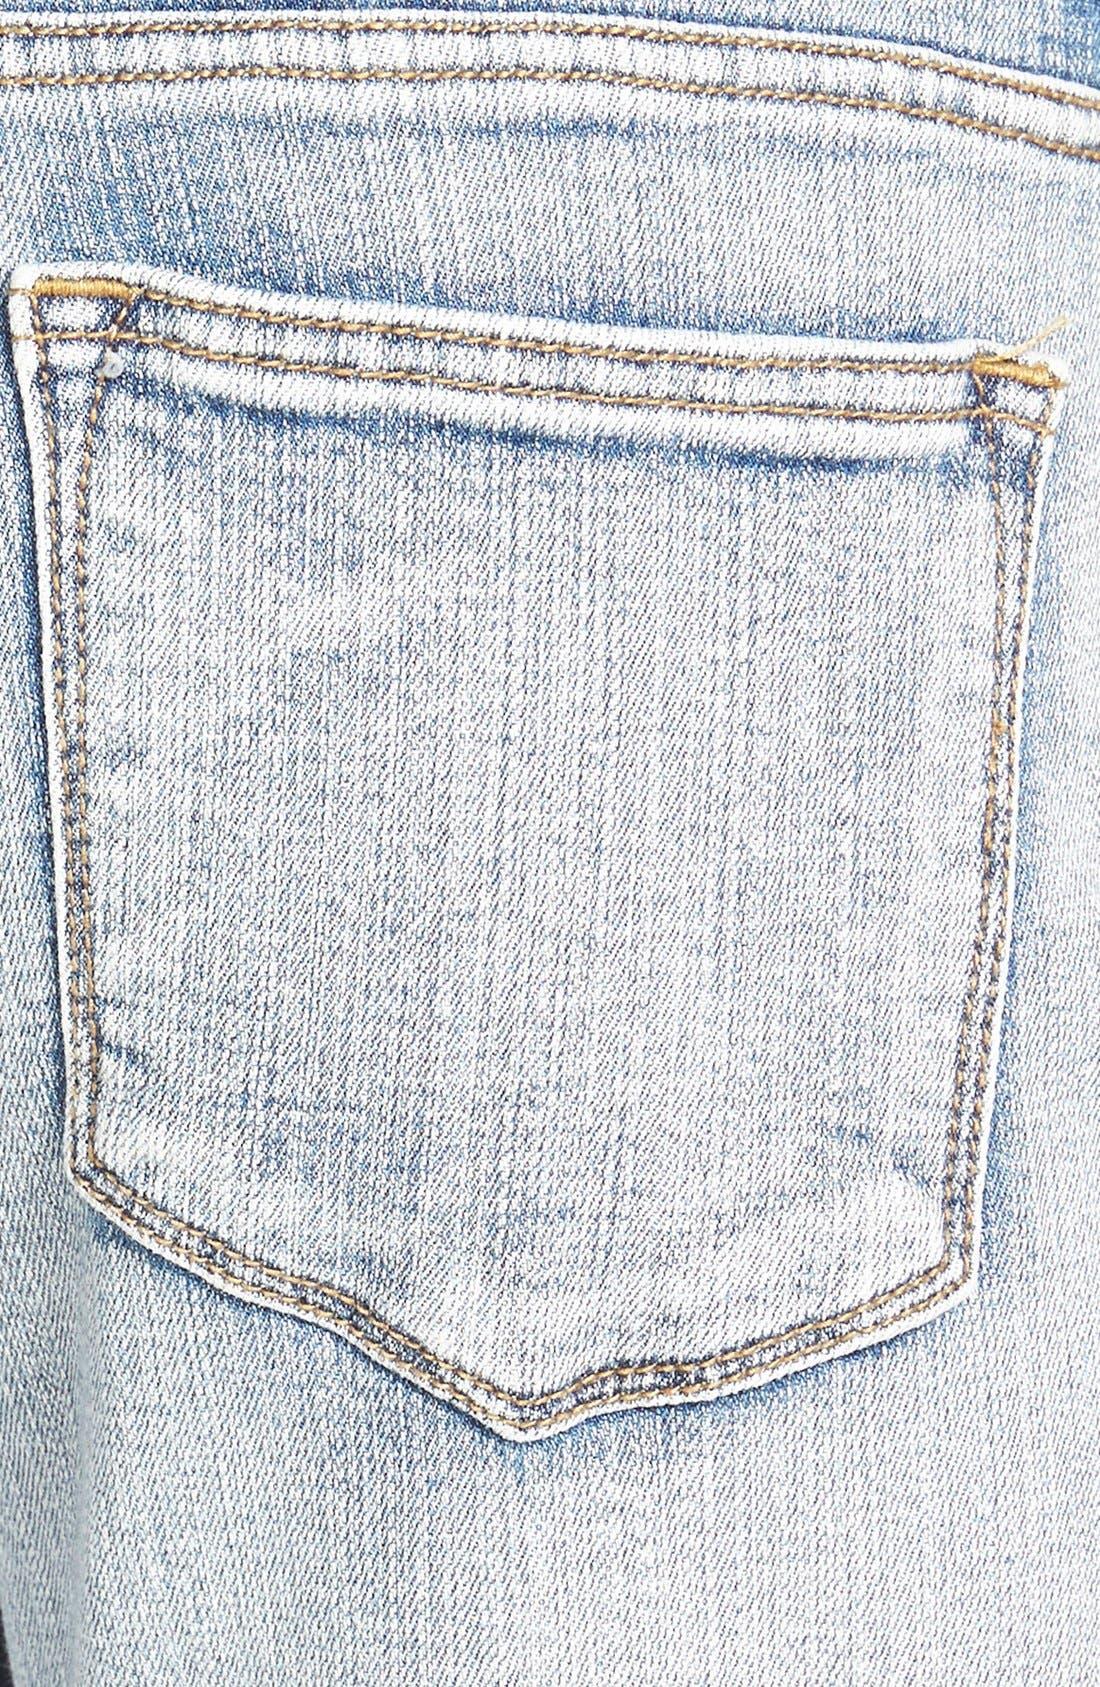 Alternate Image 3  - SP Black Destroyed Boyfriend Jeans (Medium)